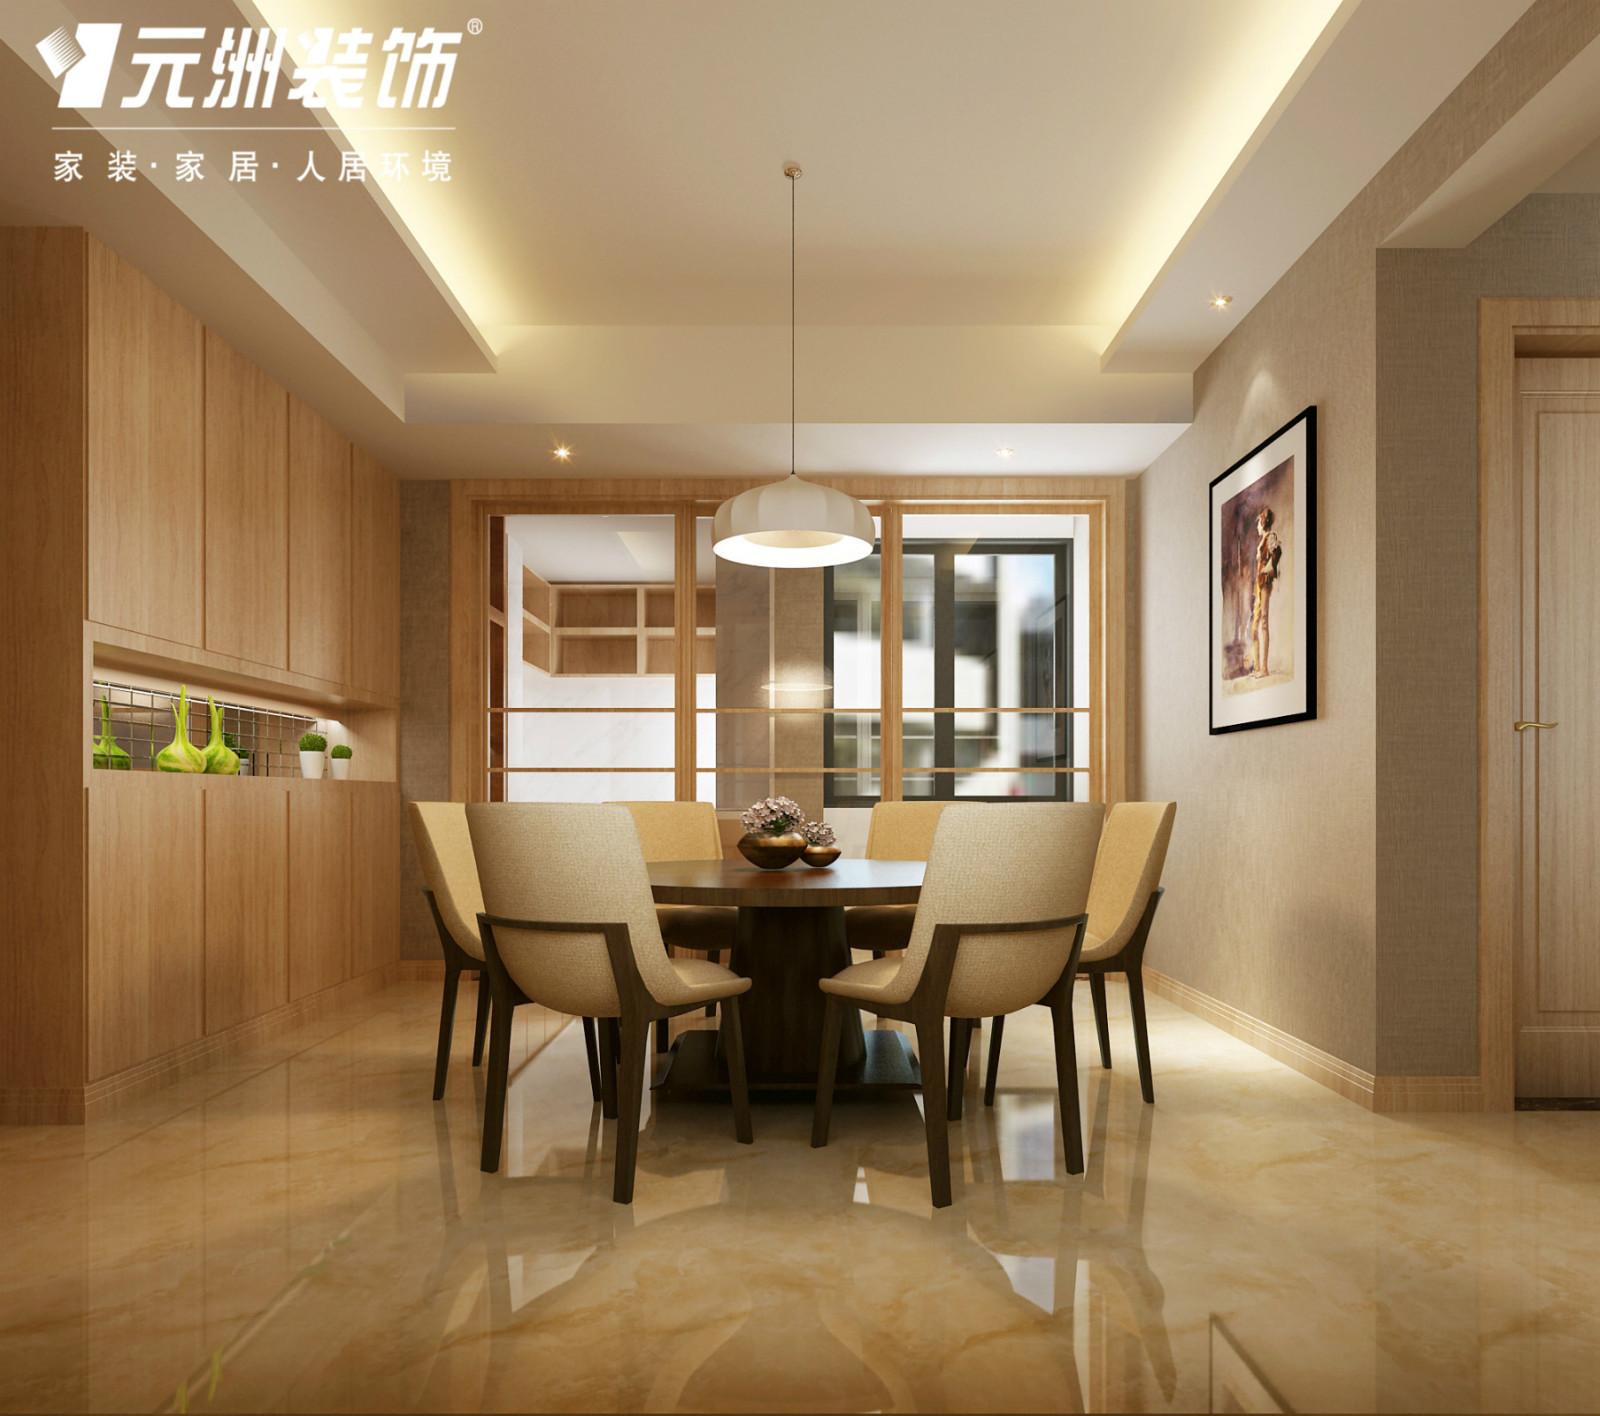 贵阳梦想典城110平米装修效果图--------主卧室效果图